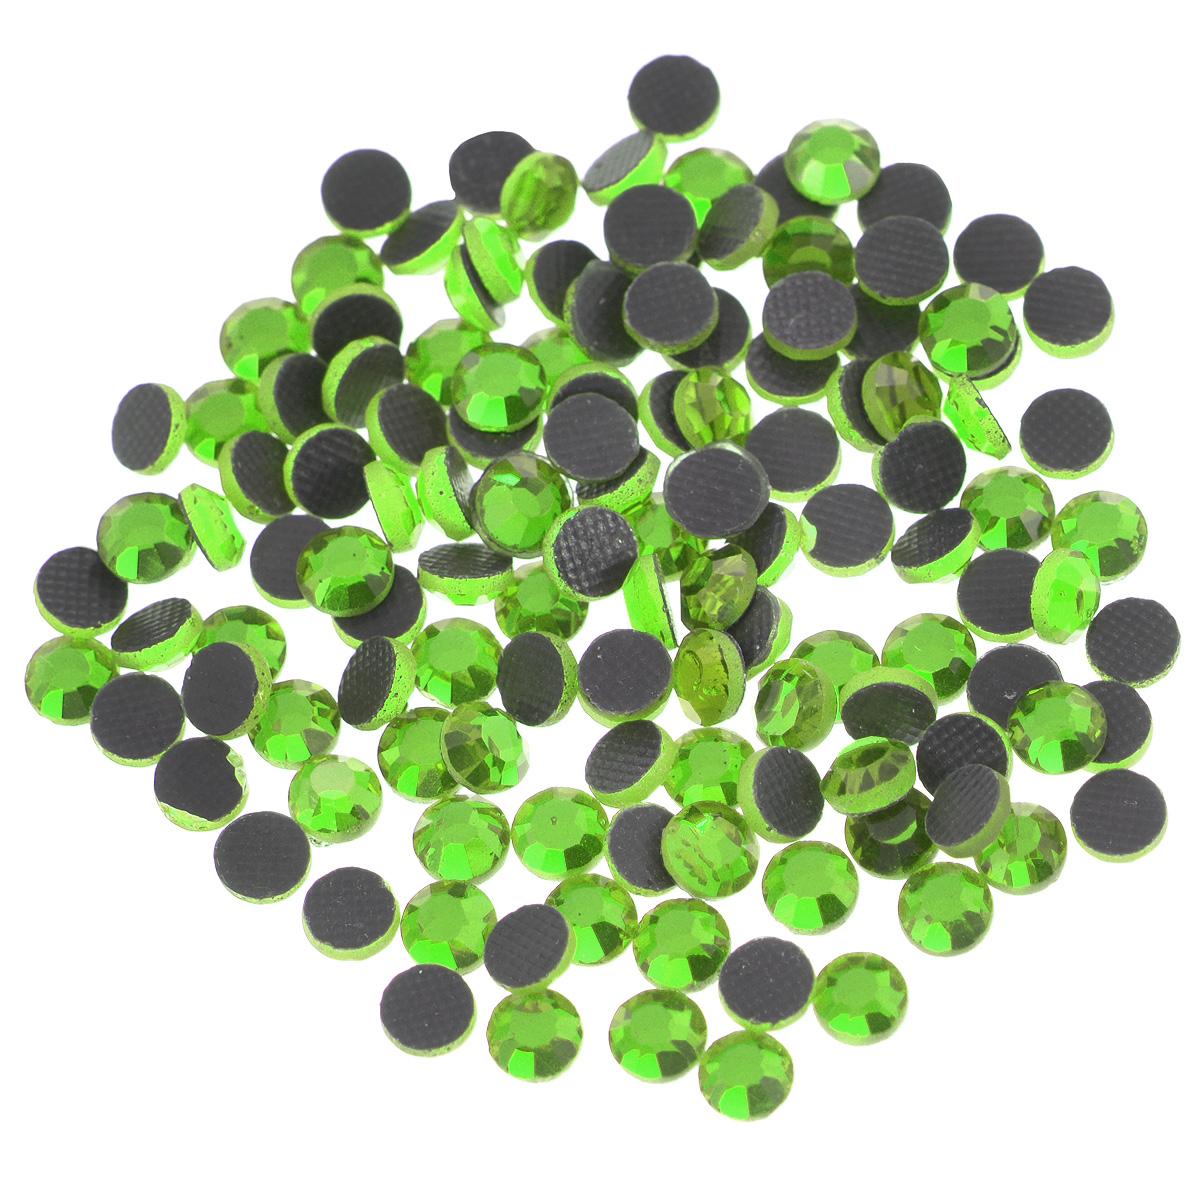 Стразы термоклеевые Cristal, цвет: светло-зеленый (214), диаметр 4 мм, 144 шт7706831_214Набор термоклеевых страз Cristal, изготовленный из высококачественного акрила, позволит вам украсить одежду, аксессуары или текстиль. Яркие стразы имеют плоское дно и круглую поверхность с гранями. Дно термоклеевых страз уже обработано особым клеем, который под воздействием высоких температур начинает плавиться, приклеиваясь, таким образом, к требуемой поверхности. Чаще всего их используют в текстильной промышленности: стразы прикладывают к ткани и проглаживают утюгом с обратной стороны. Также можно использовать специальный паяльник. Украшение стразами поможет сделать любую вещь оригинальной и неповторимой. Диаметр стразы: 4 мм.